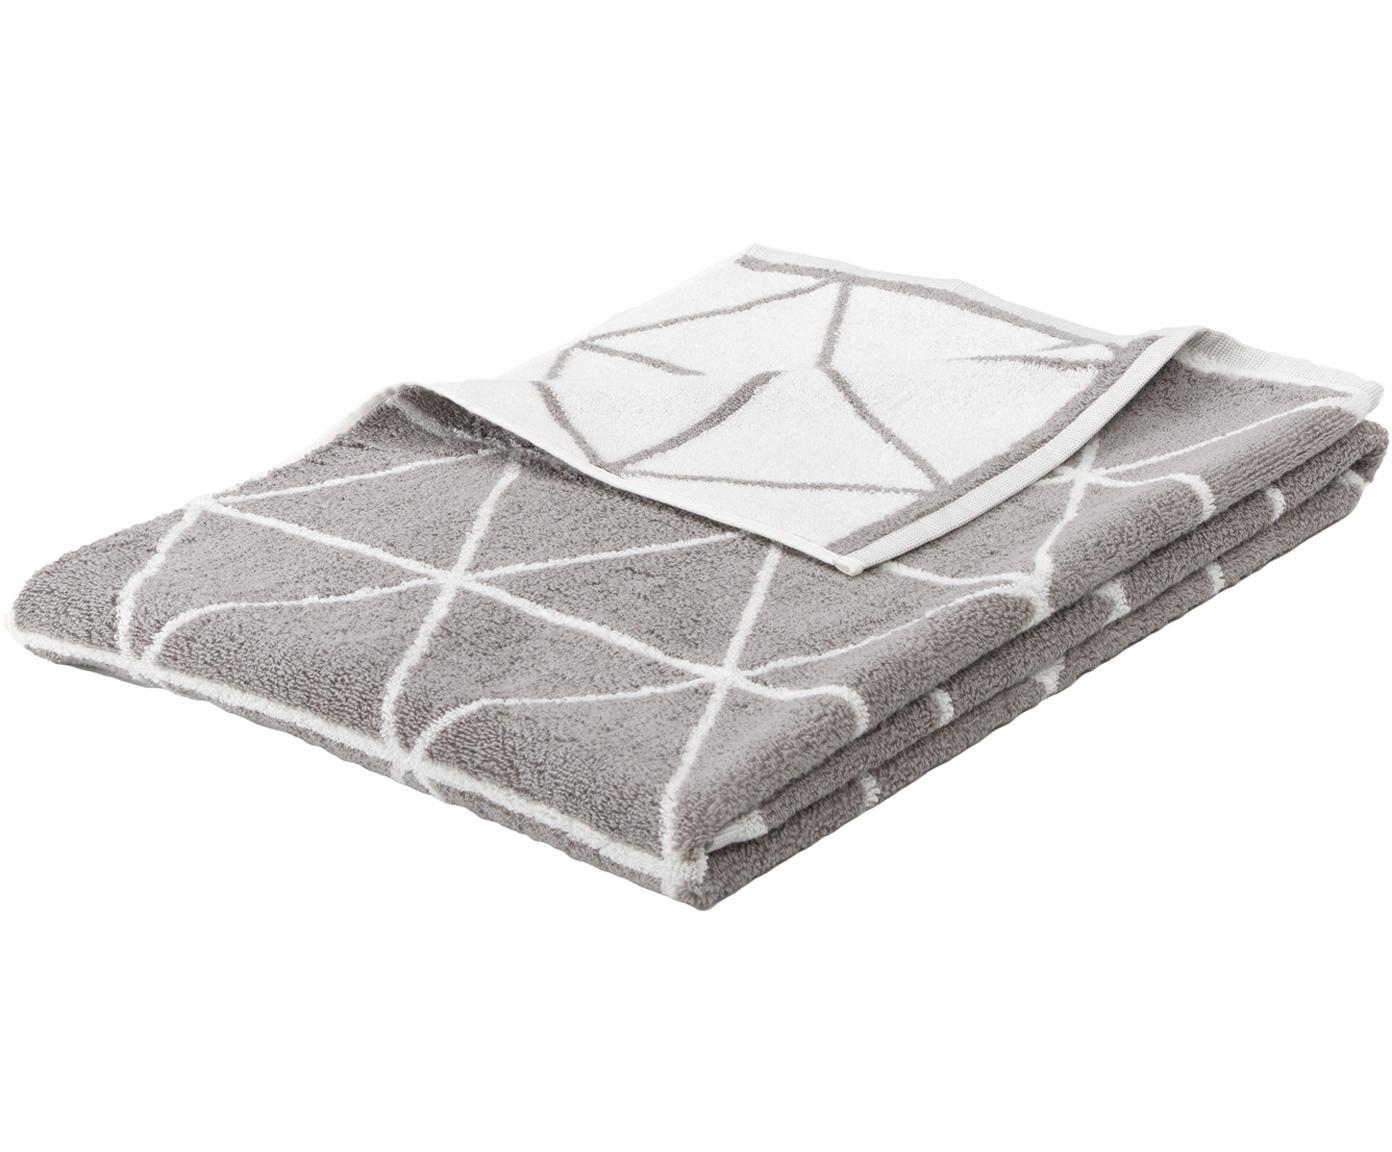 Wende-Handtuch Elina mit grafischem Muster, Taupe, Cremeweiß, Handtuch